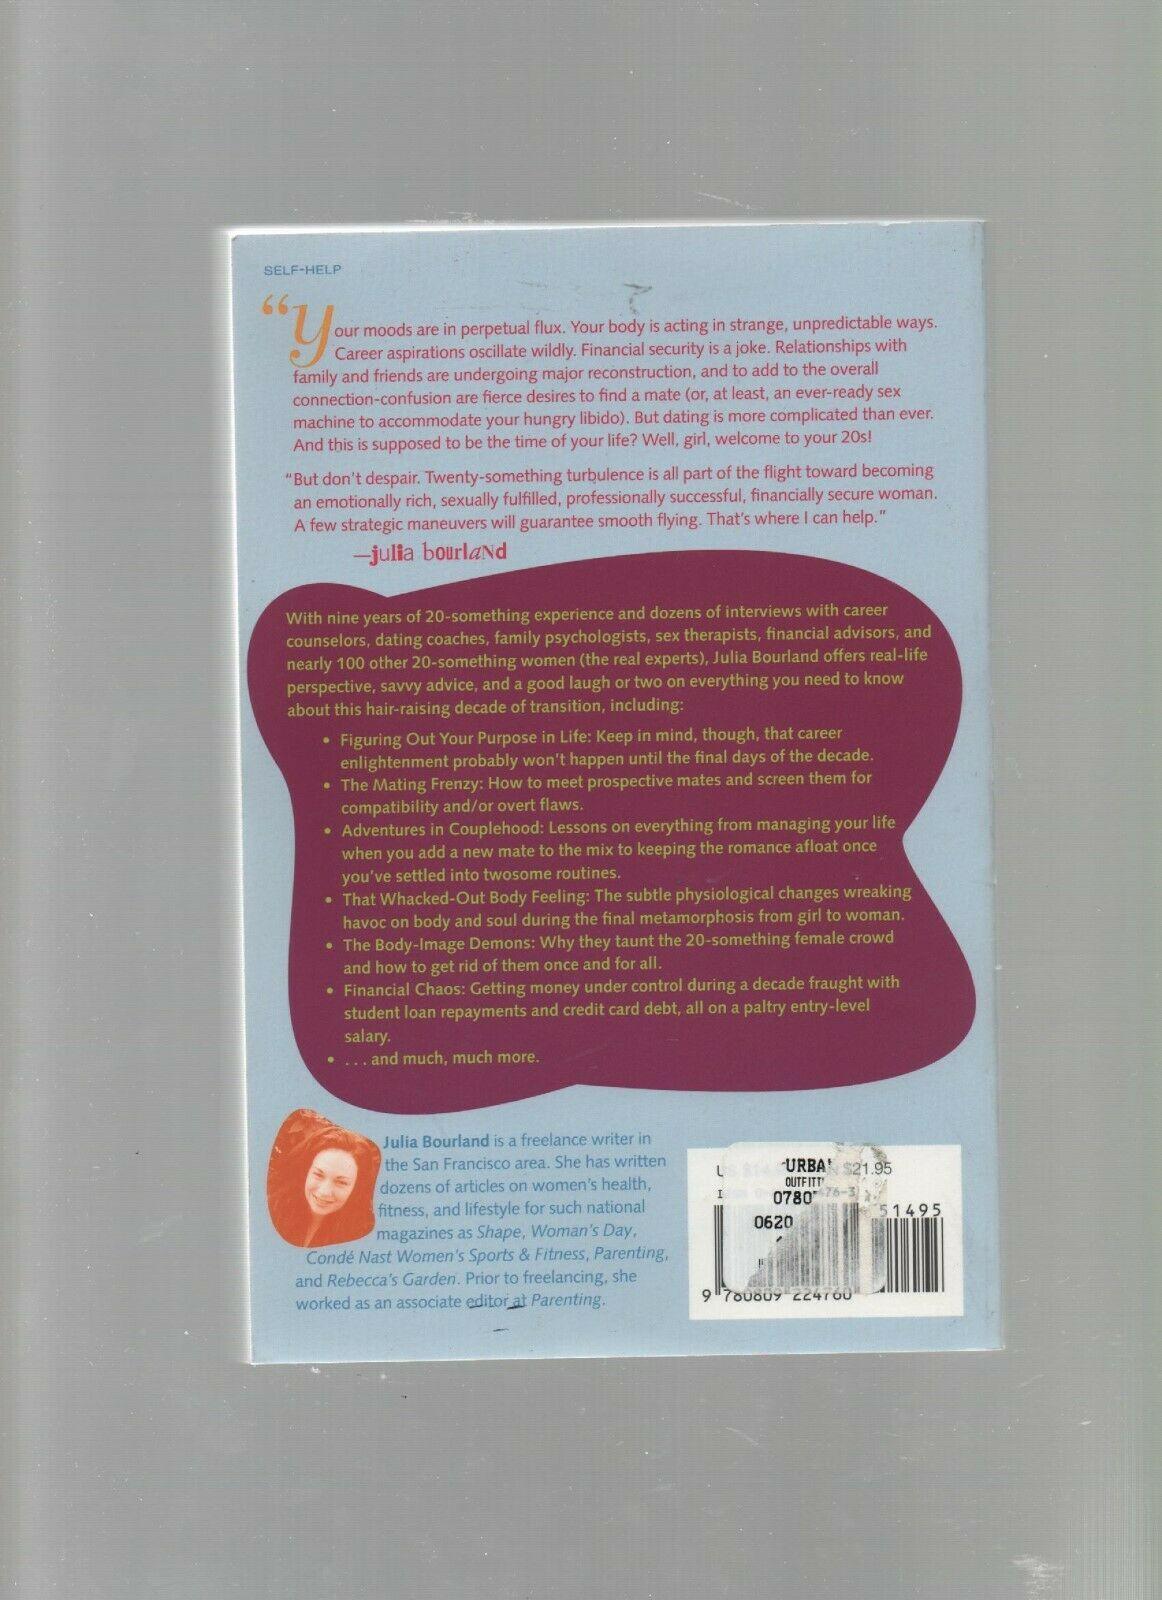 The Go-Girl Guide - Julia Bourland - SC - 2000 - Contemporary Books - 0809224763 image 2